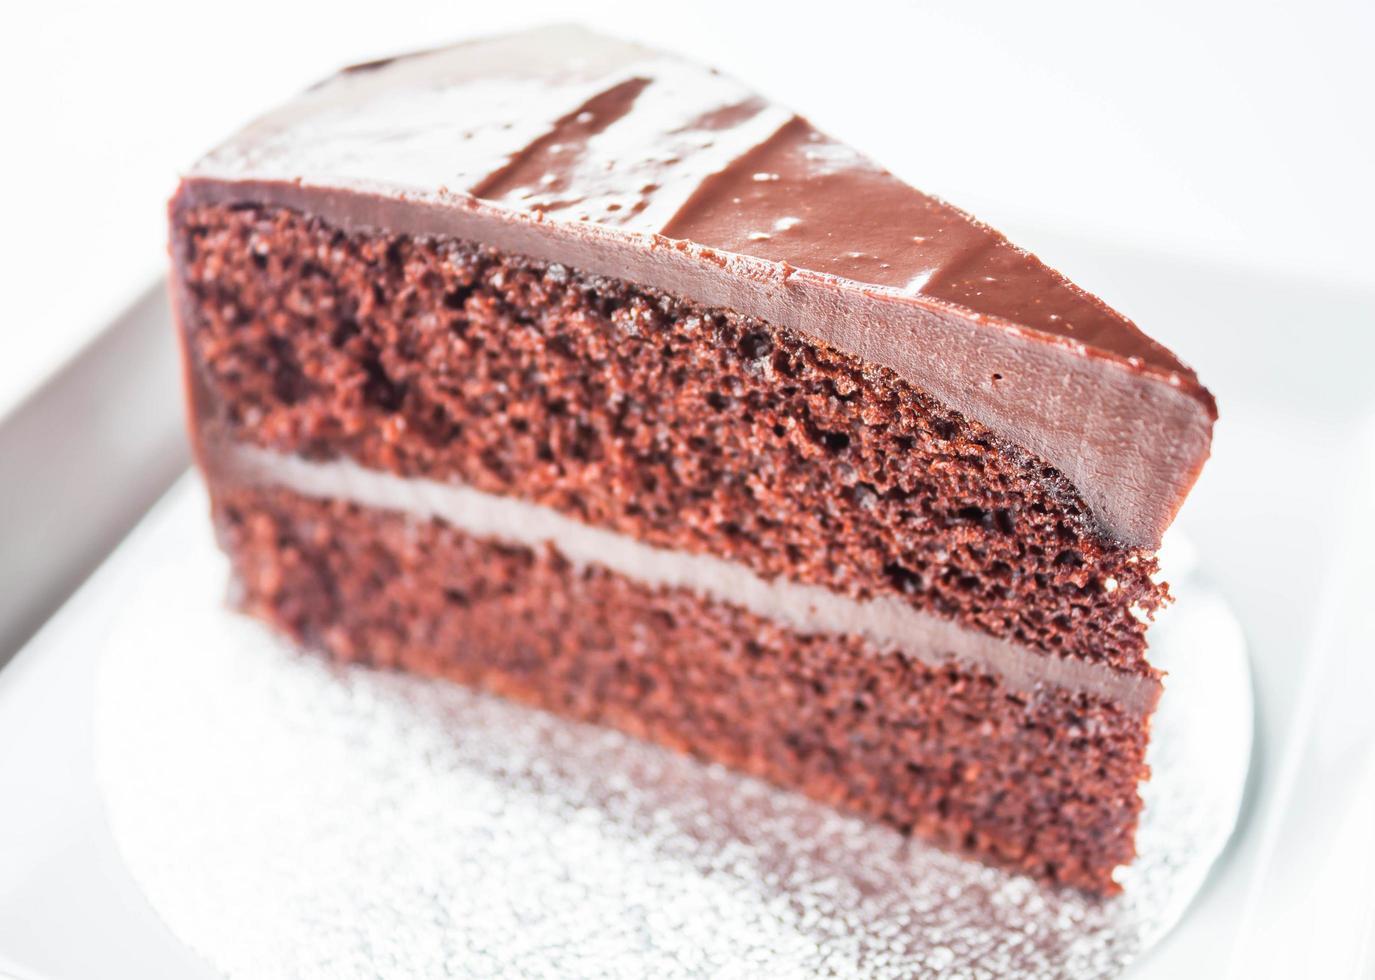 morceau de génoise au chocolat photo